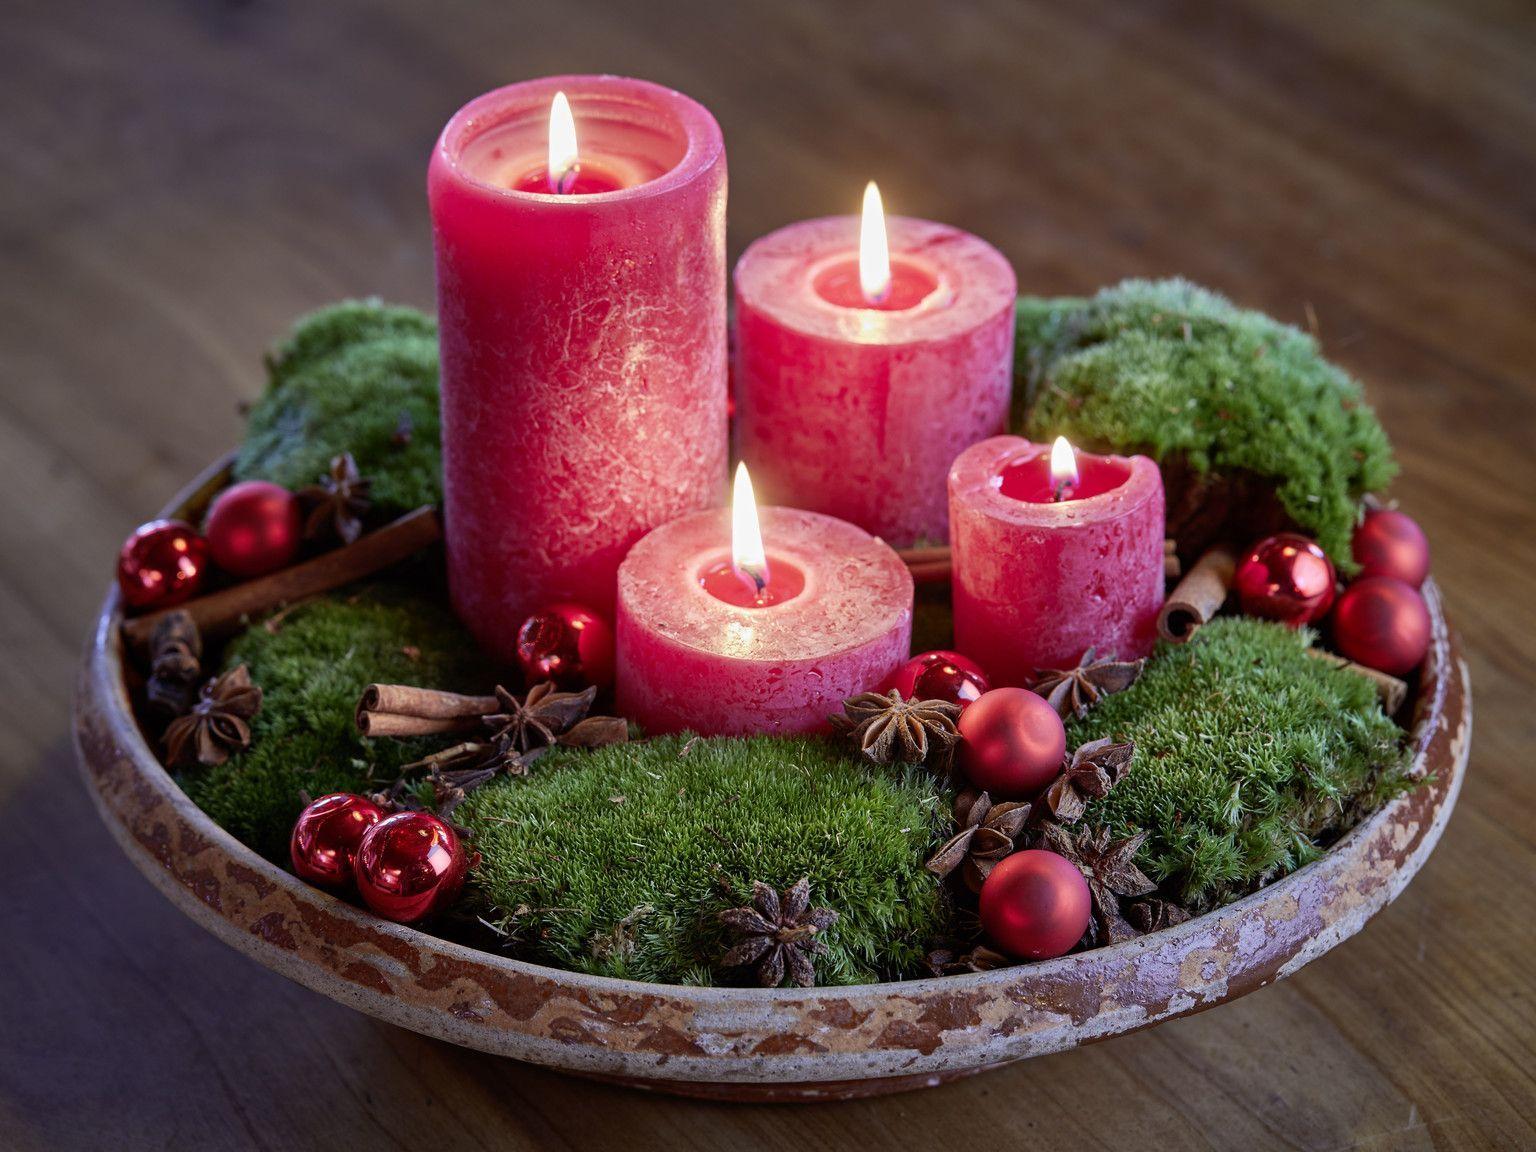 Selbstgemachter Adventskranz In Schale Mit Moos Zimtstangen Sternanis Und Baumkugeln Christmas Deko Weihnachten Adventskranz Weihnachtsdeko Weihnachten Deko Weihnachten